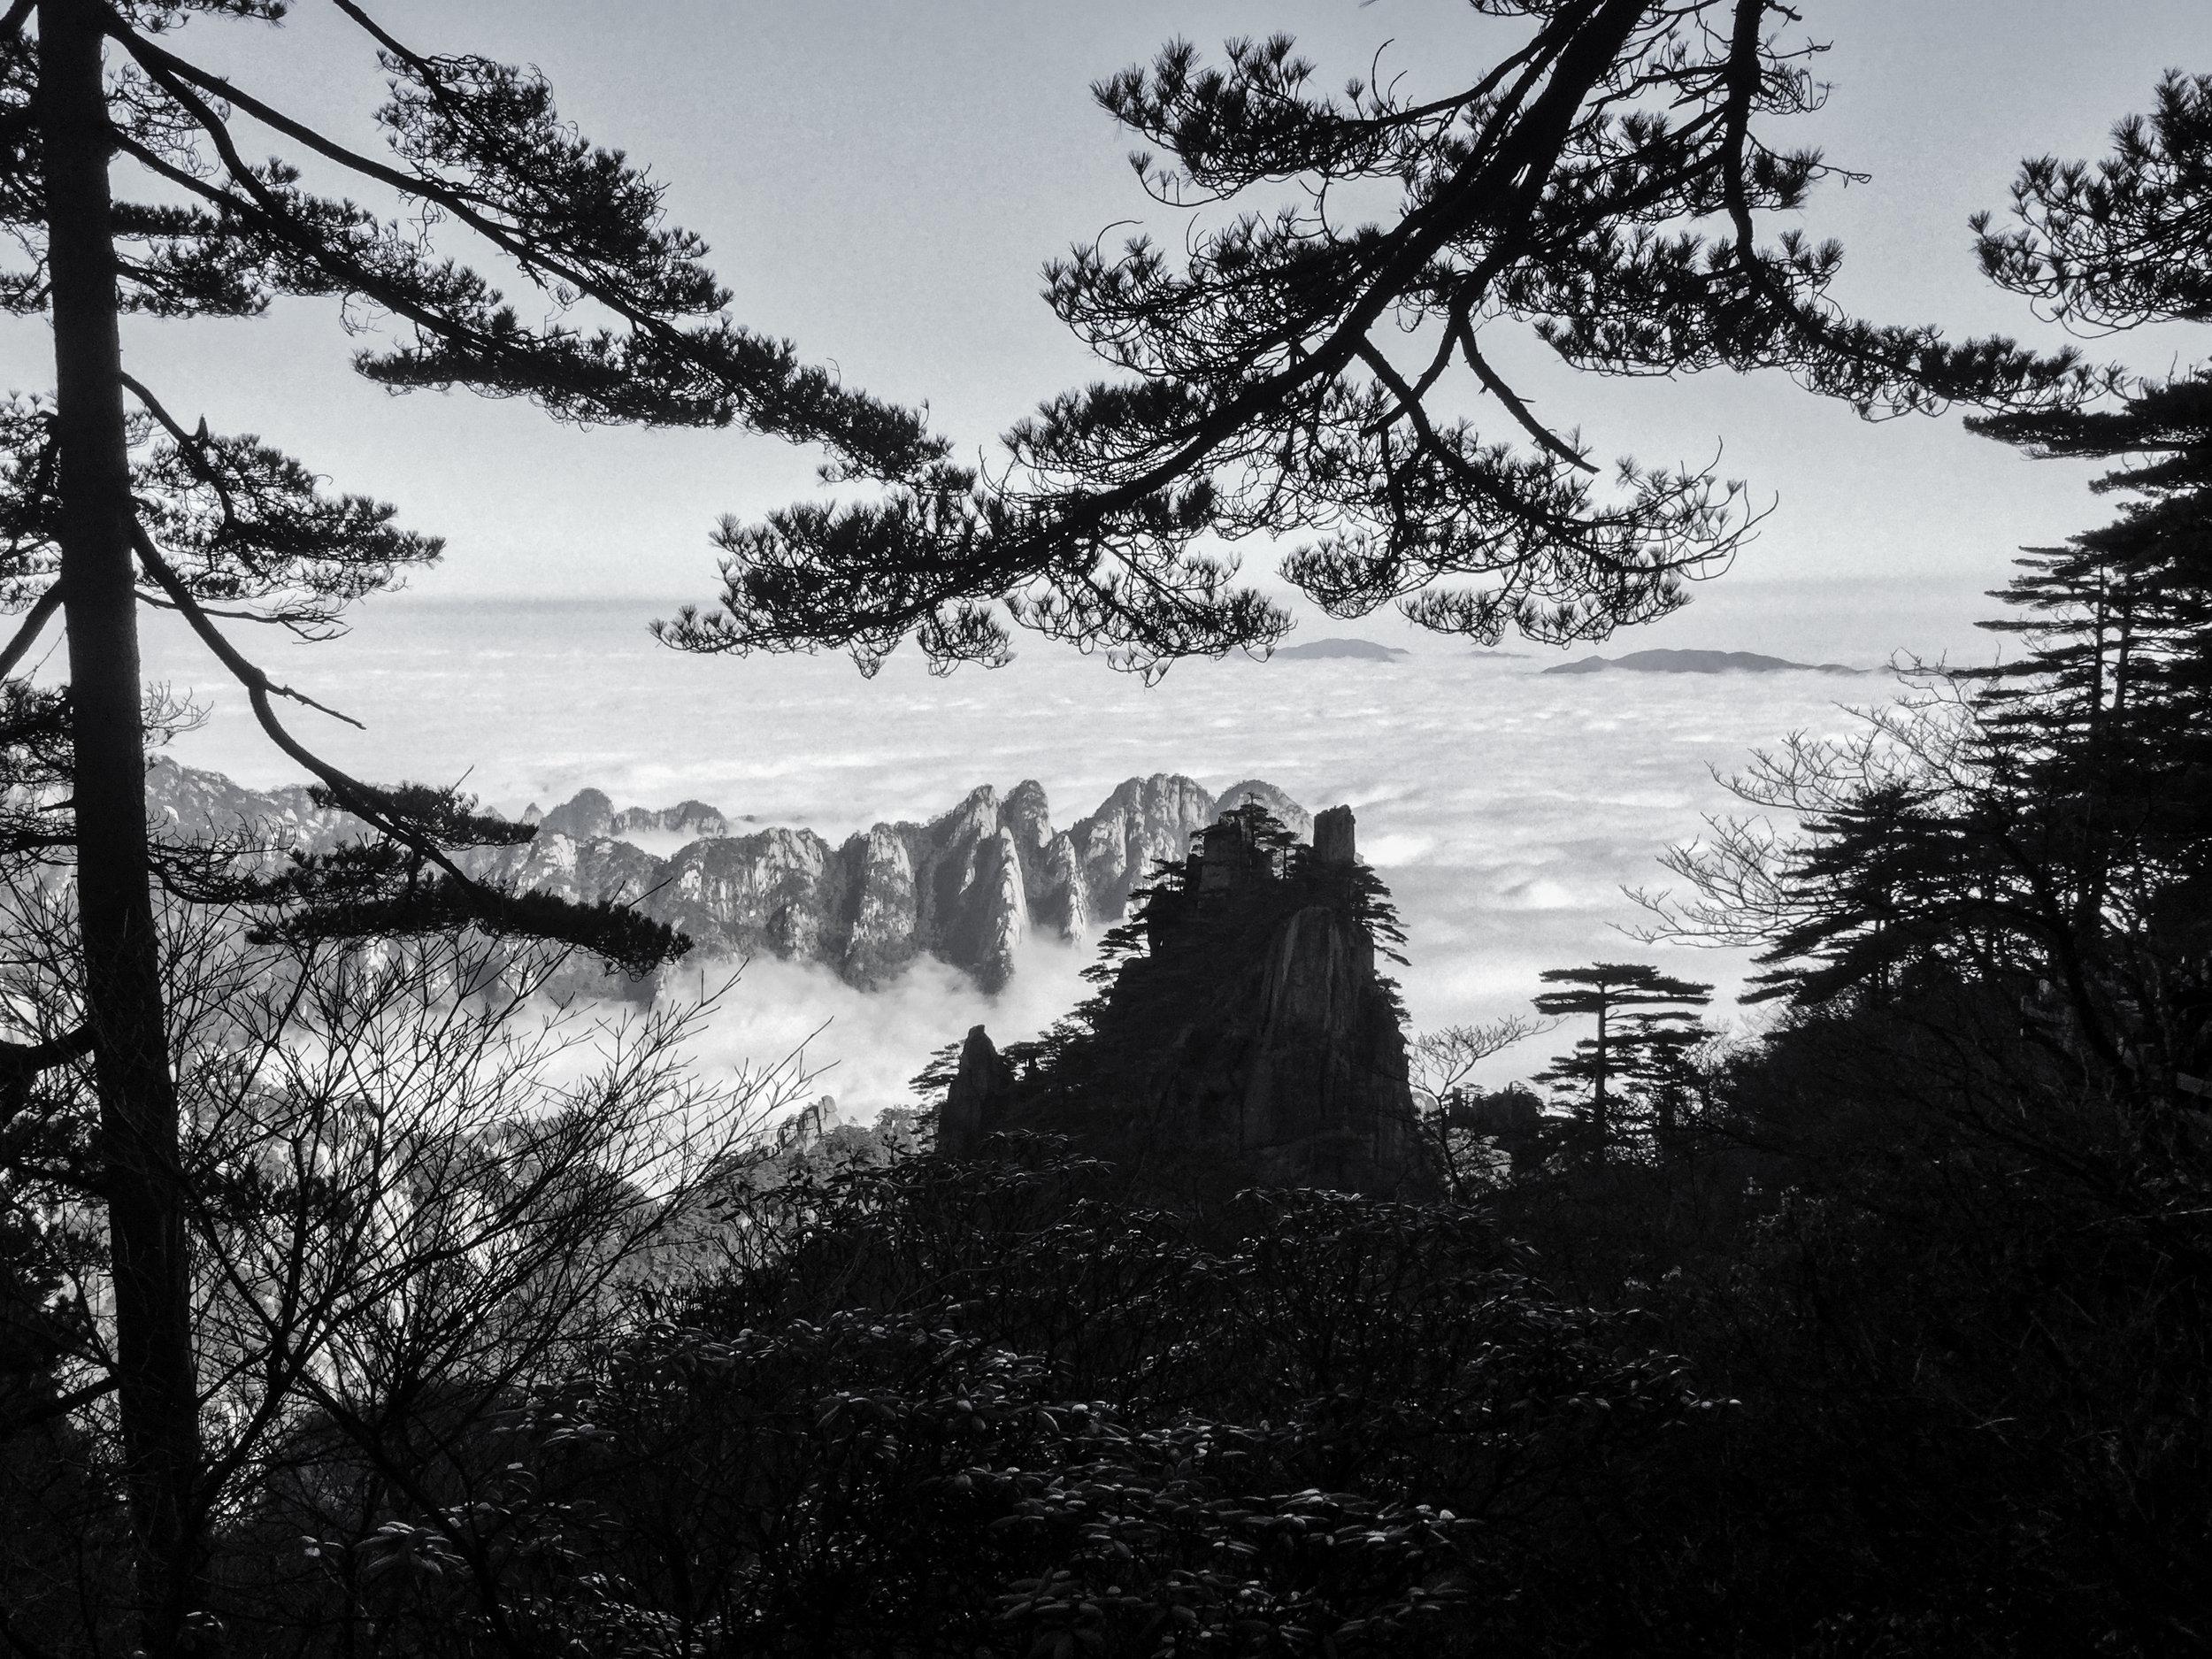 黄山 - Huangshan -Yellow Mountain, China